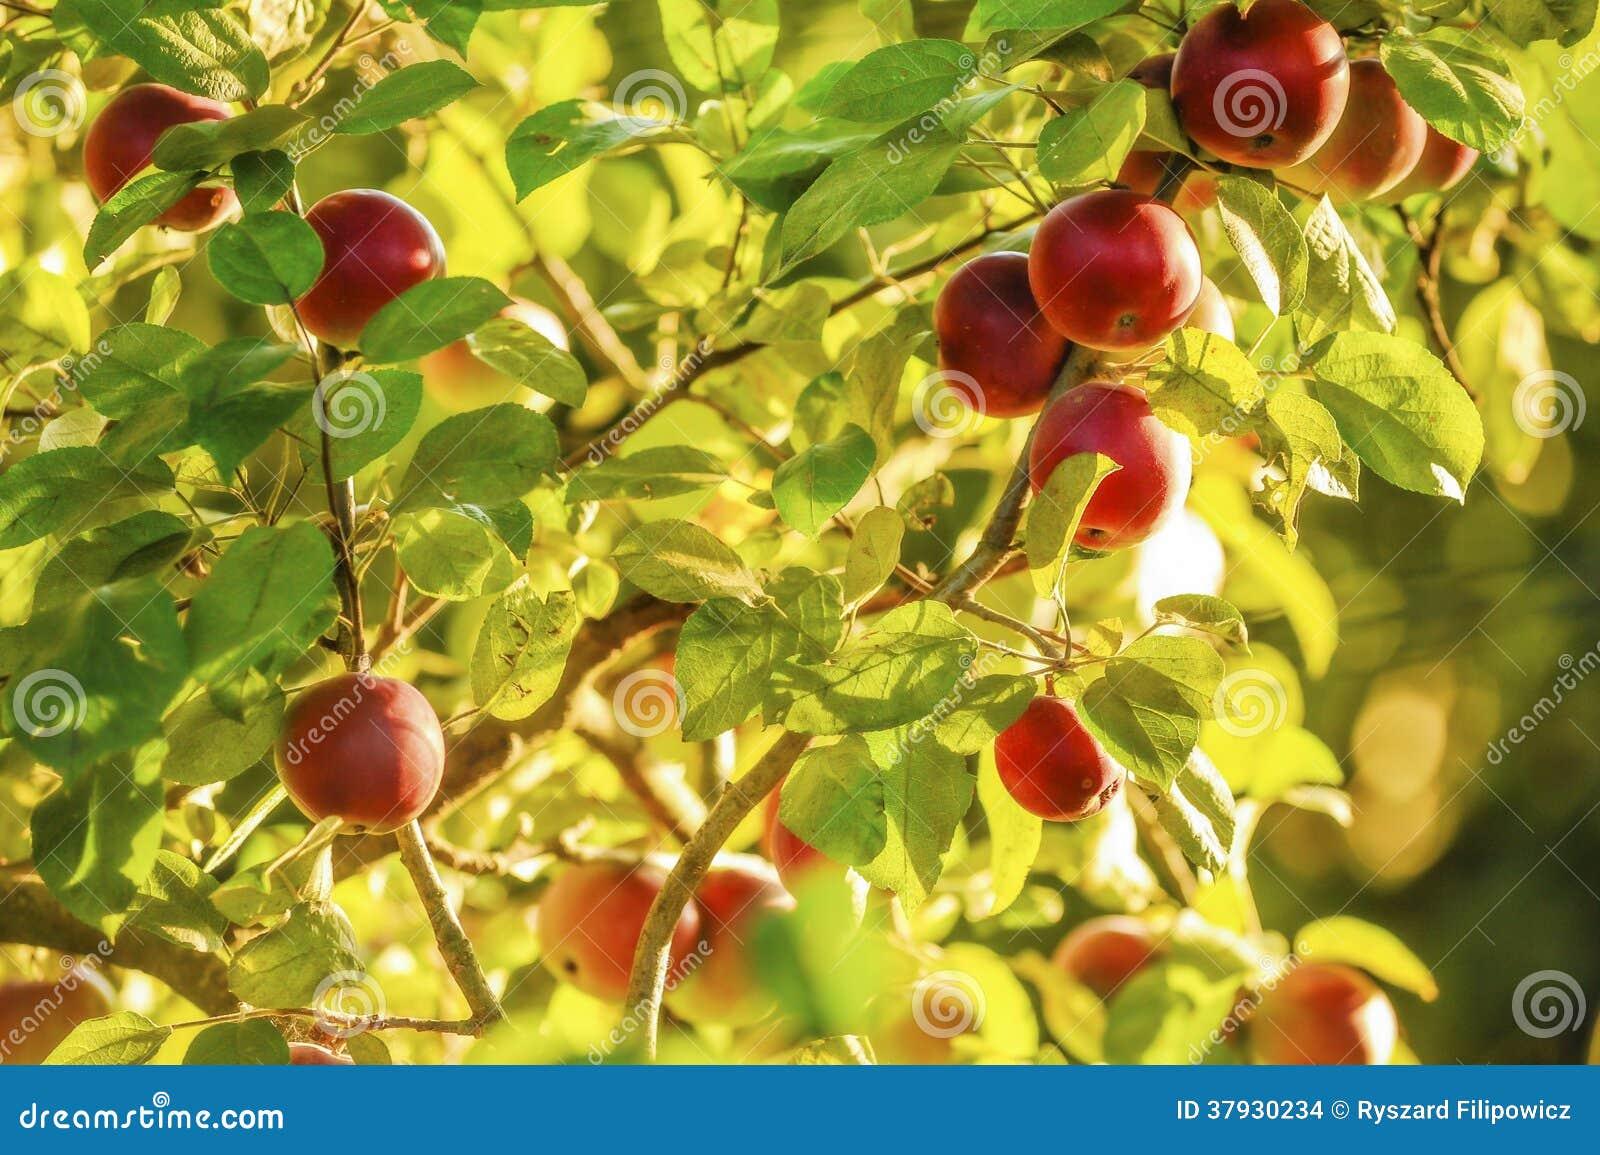 Jabłka na drzewie.